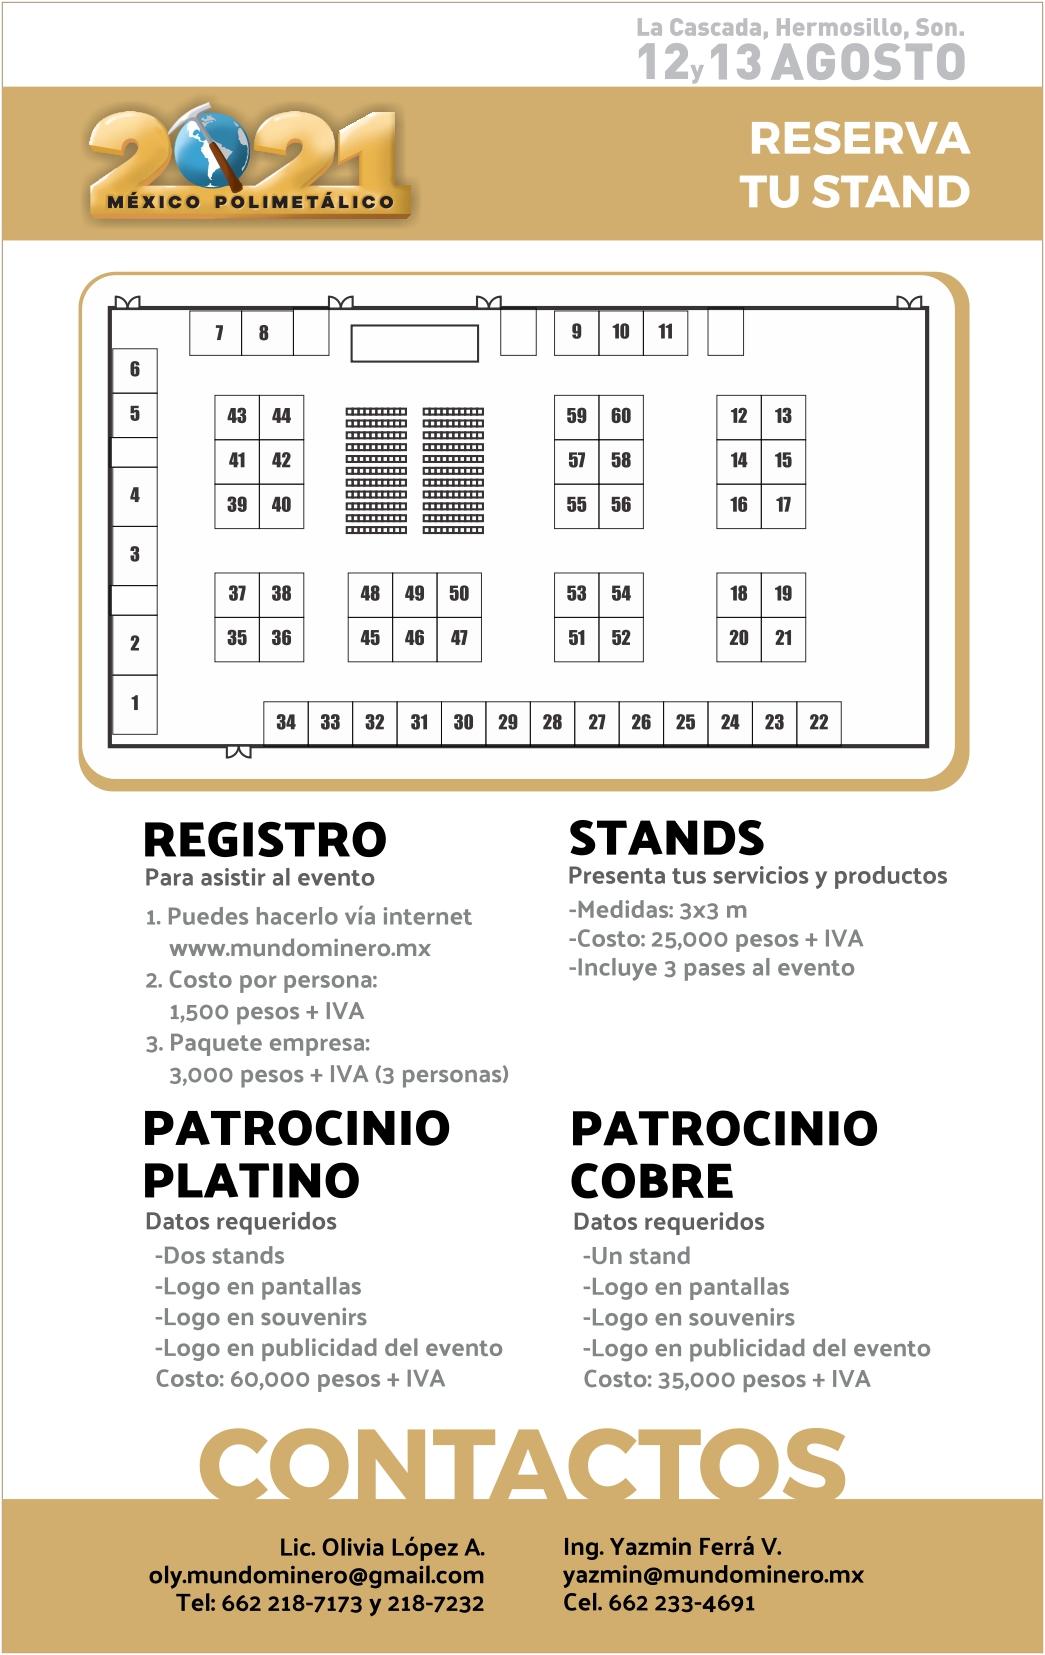 Mexico Polimetalico Ed. 2021_page-0005